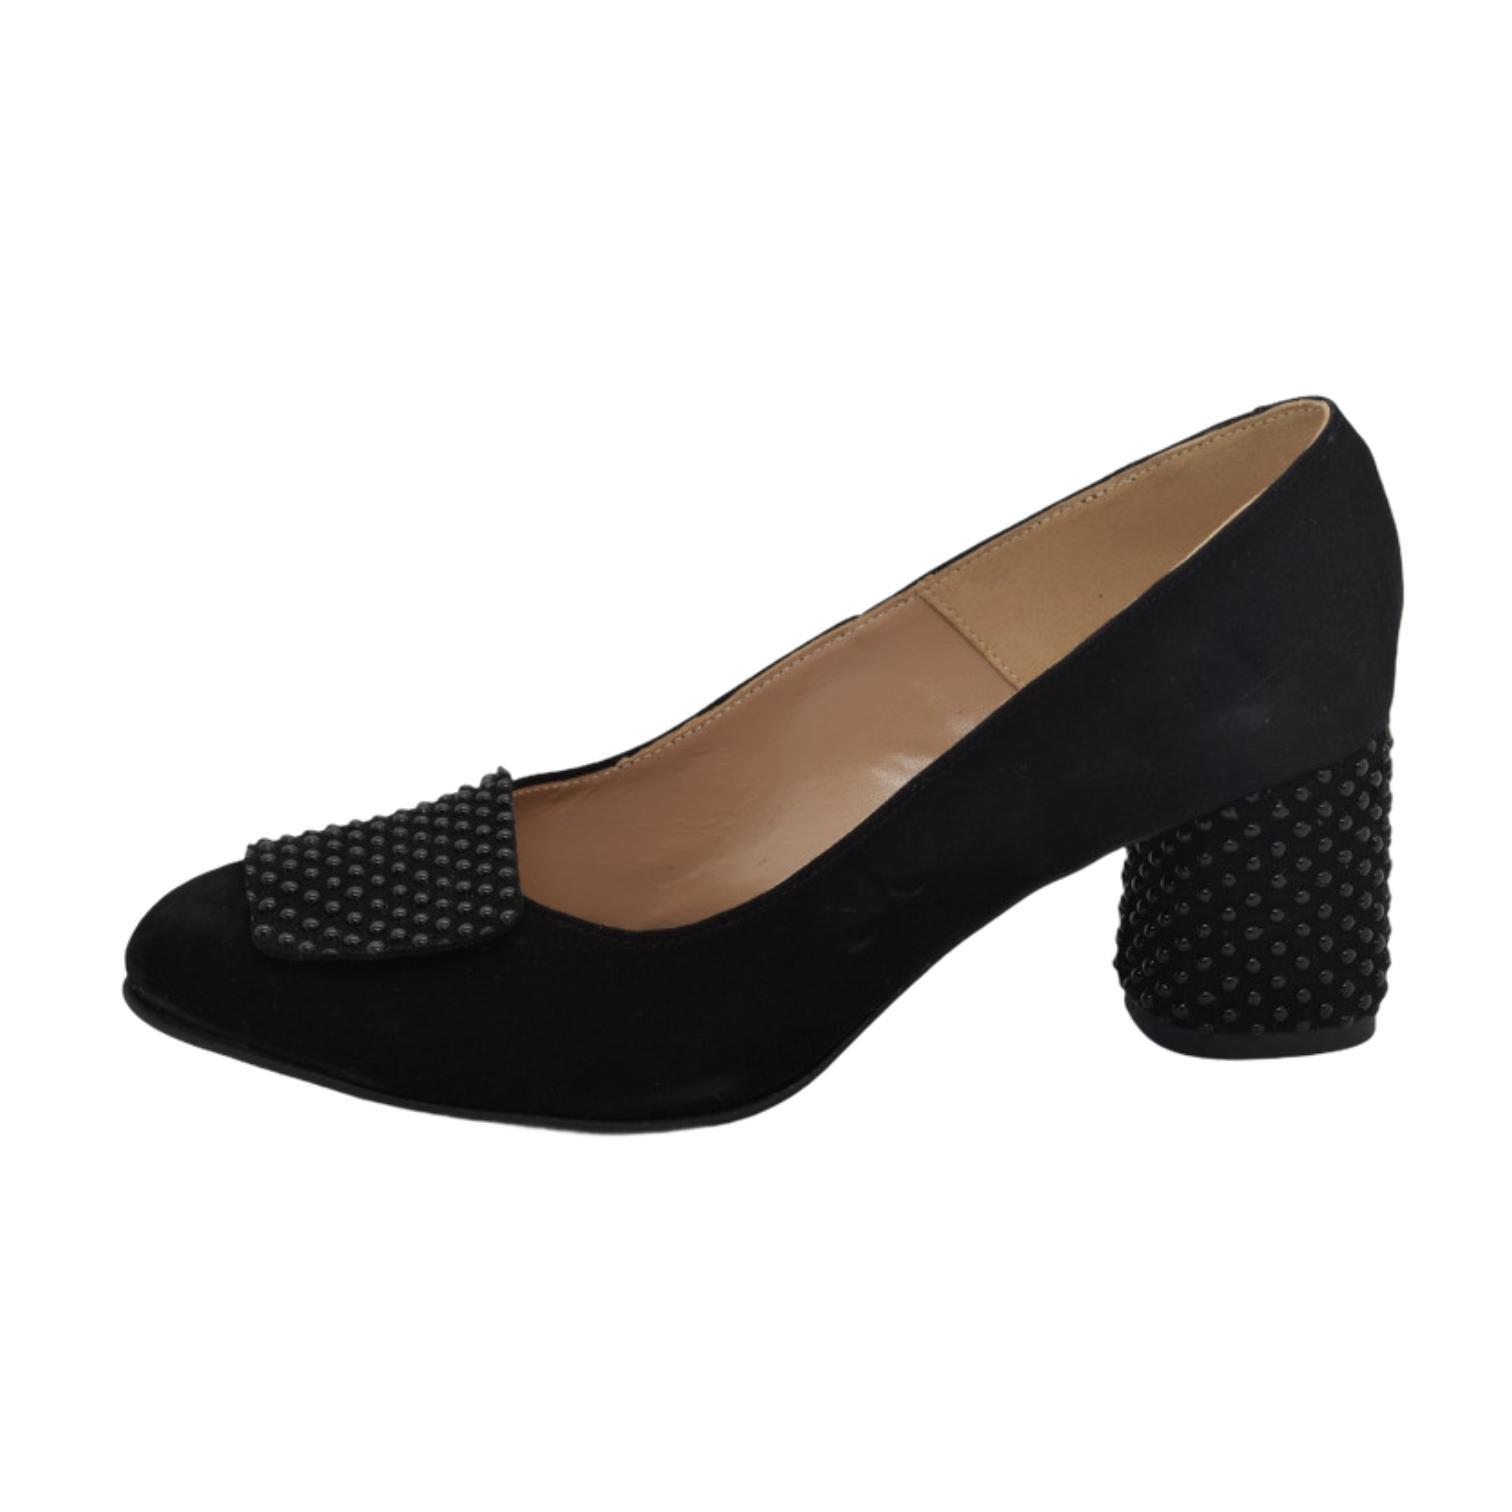 Pantofi negri cu accesoriu si toc cu aplicatii sferice